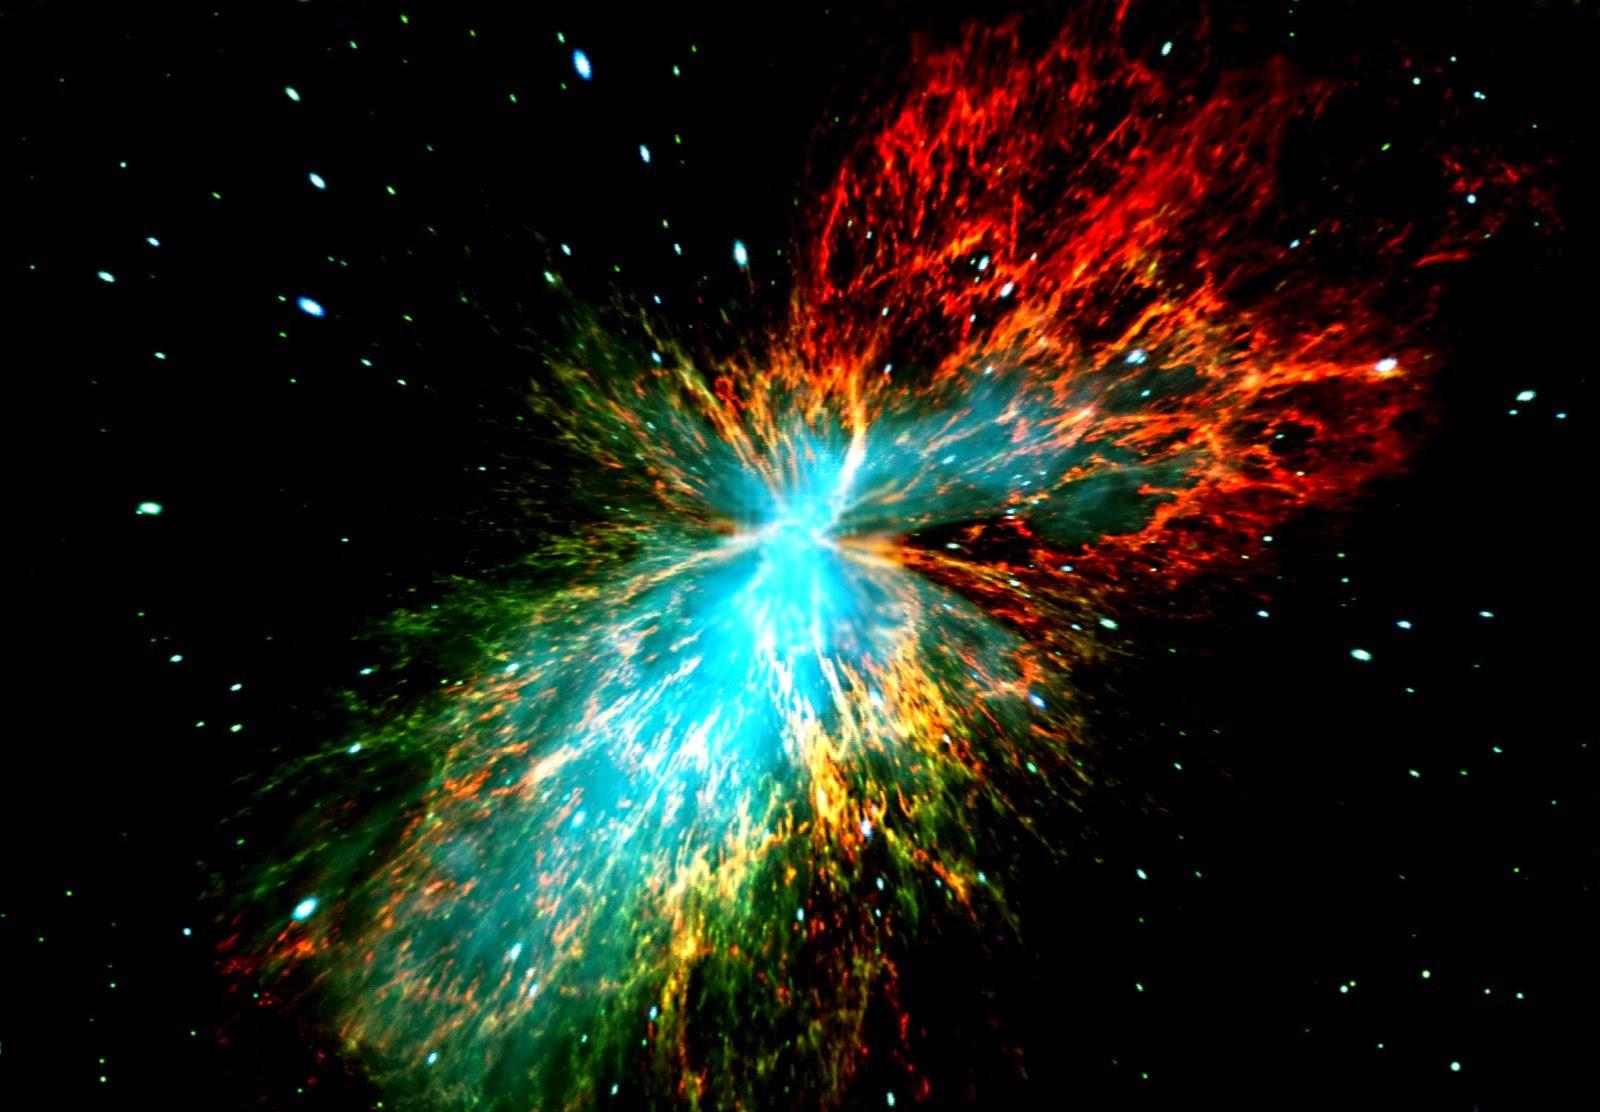 The Big Bang explosion